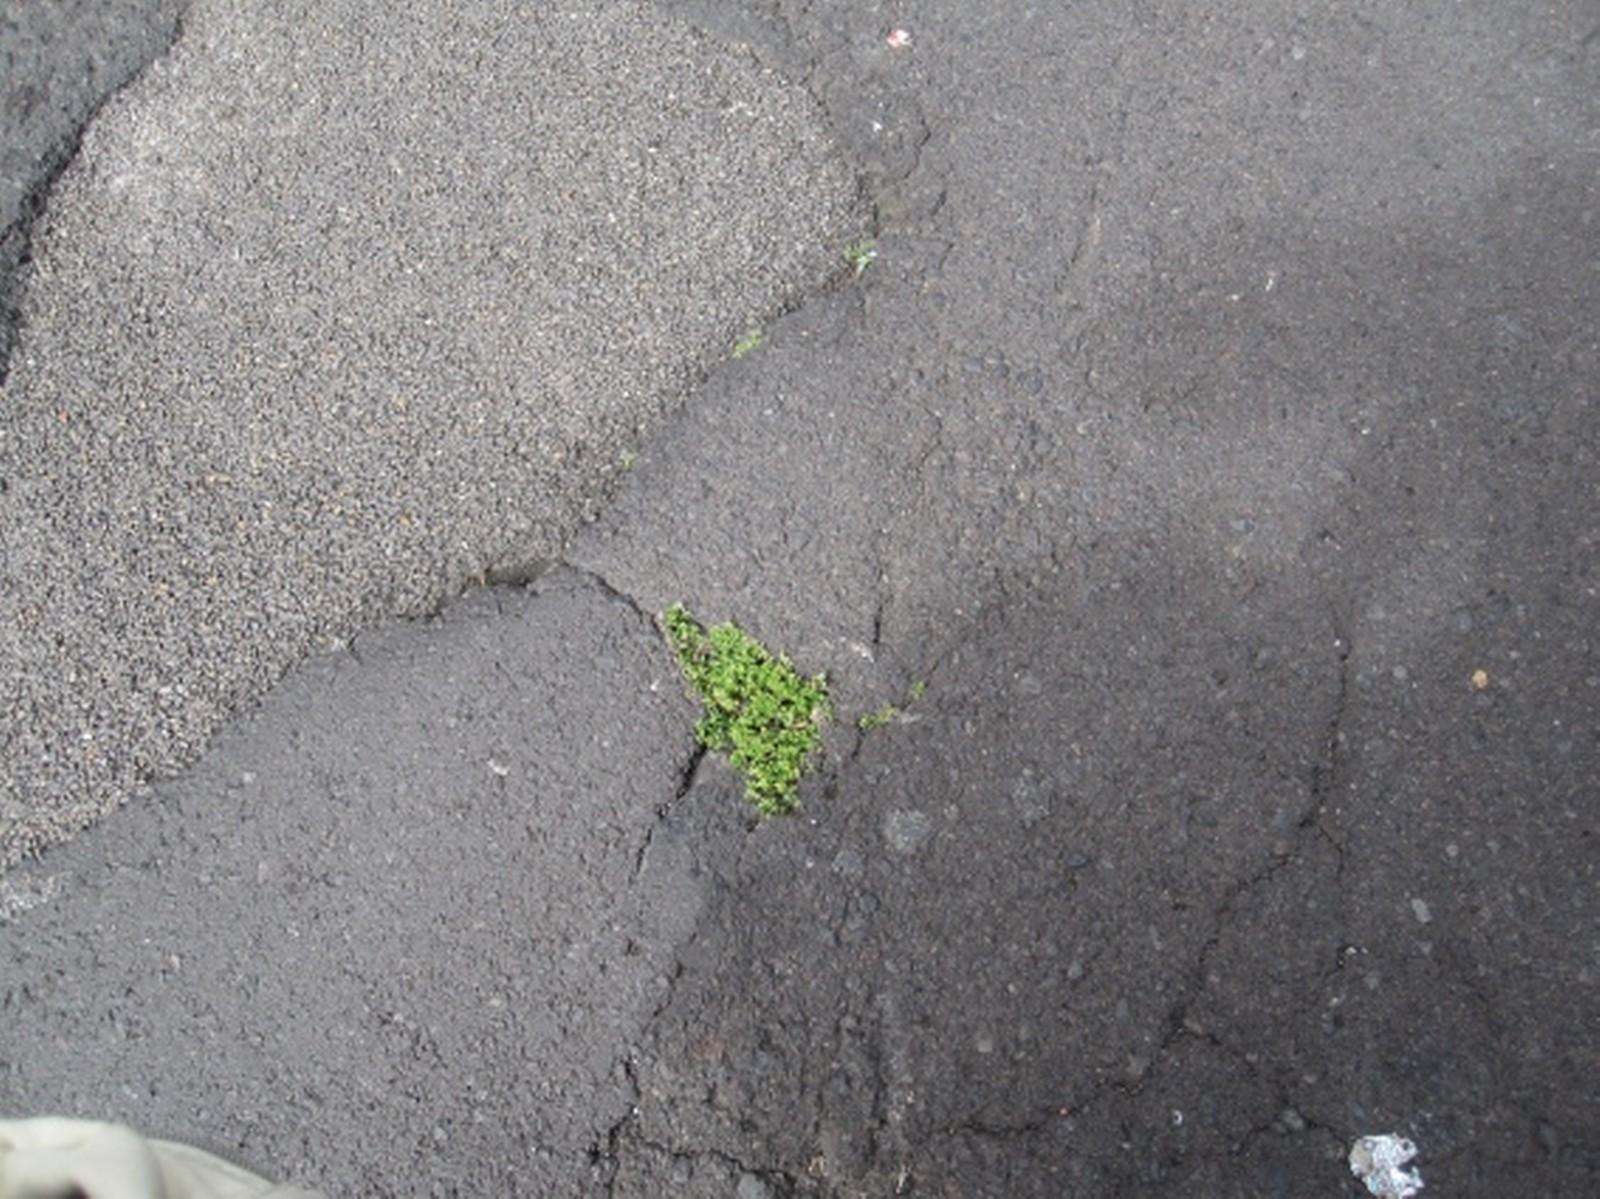 Um kommunale Straßen zu sanieren und zu erhalten, plädieren die Bauverbände NRW für nutzergebundene Straßenausbaubeiträge, die kontinuierlich von den Anliegern aufzubringen sind.